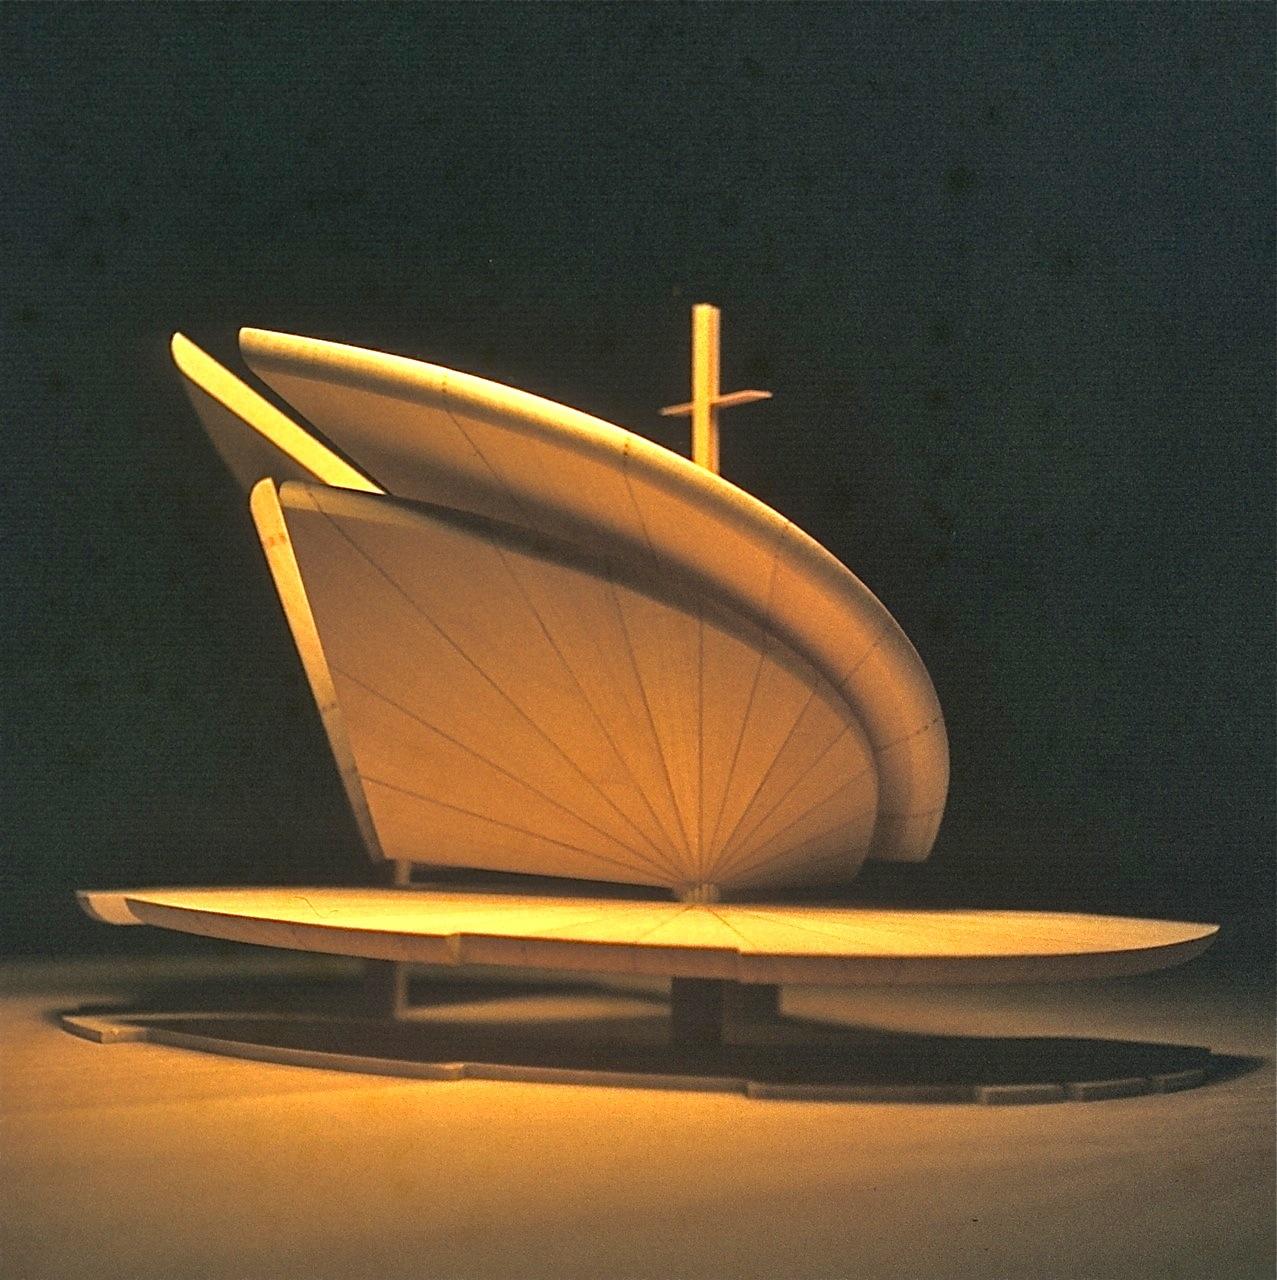 1. pr. i internasjonal kirke-idékonkuranse, Danmark 1961